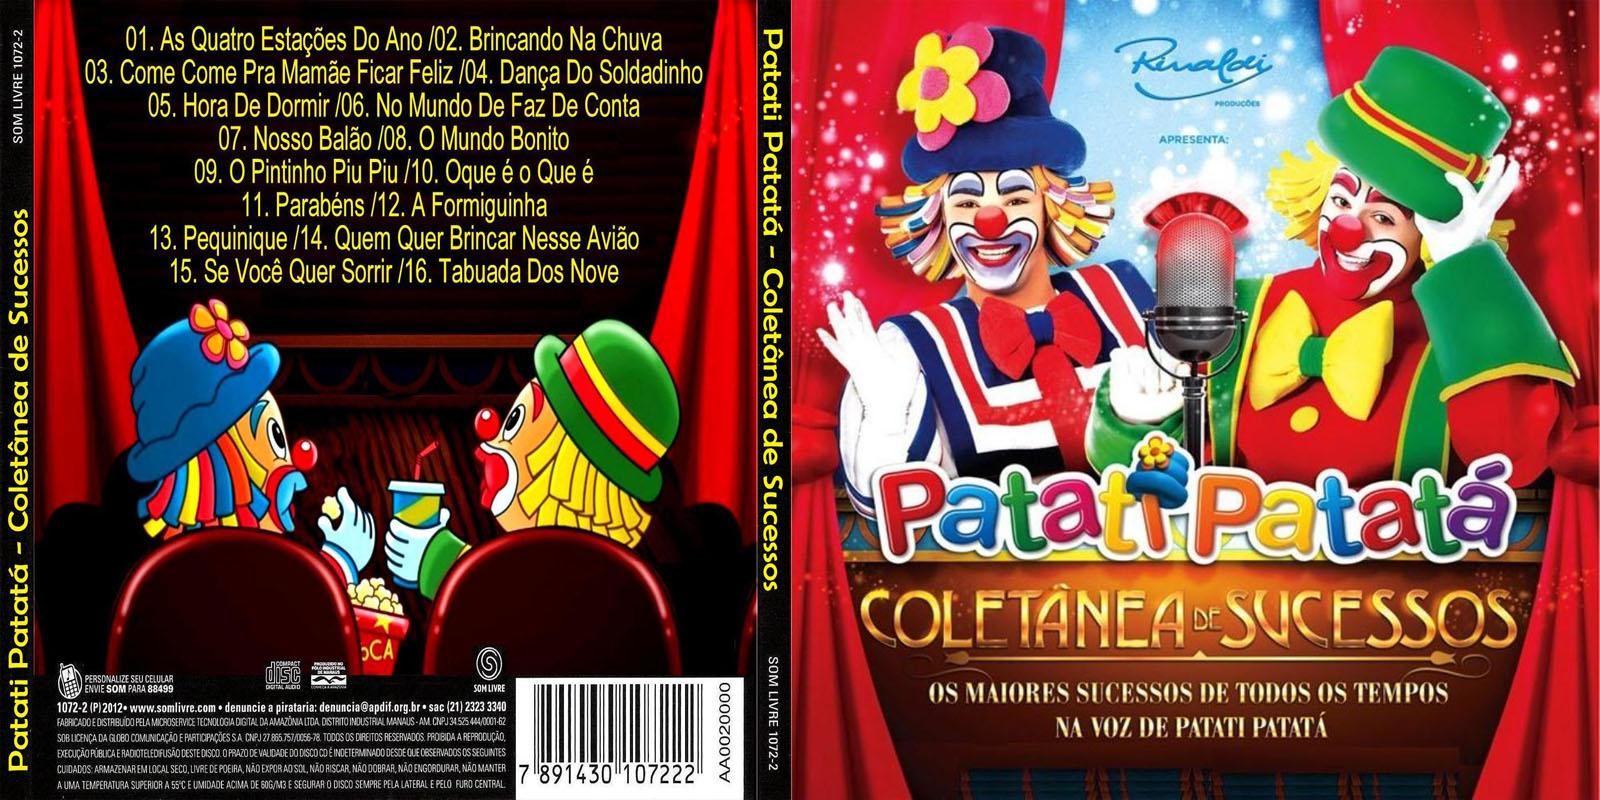 o dvd do patati patata coletanea de sucessos gratis